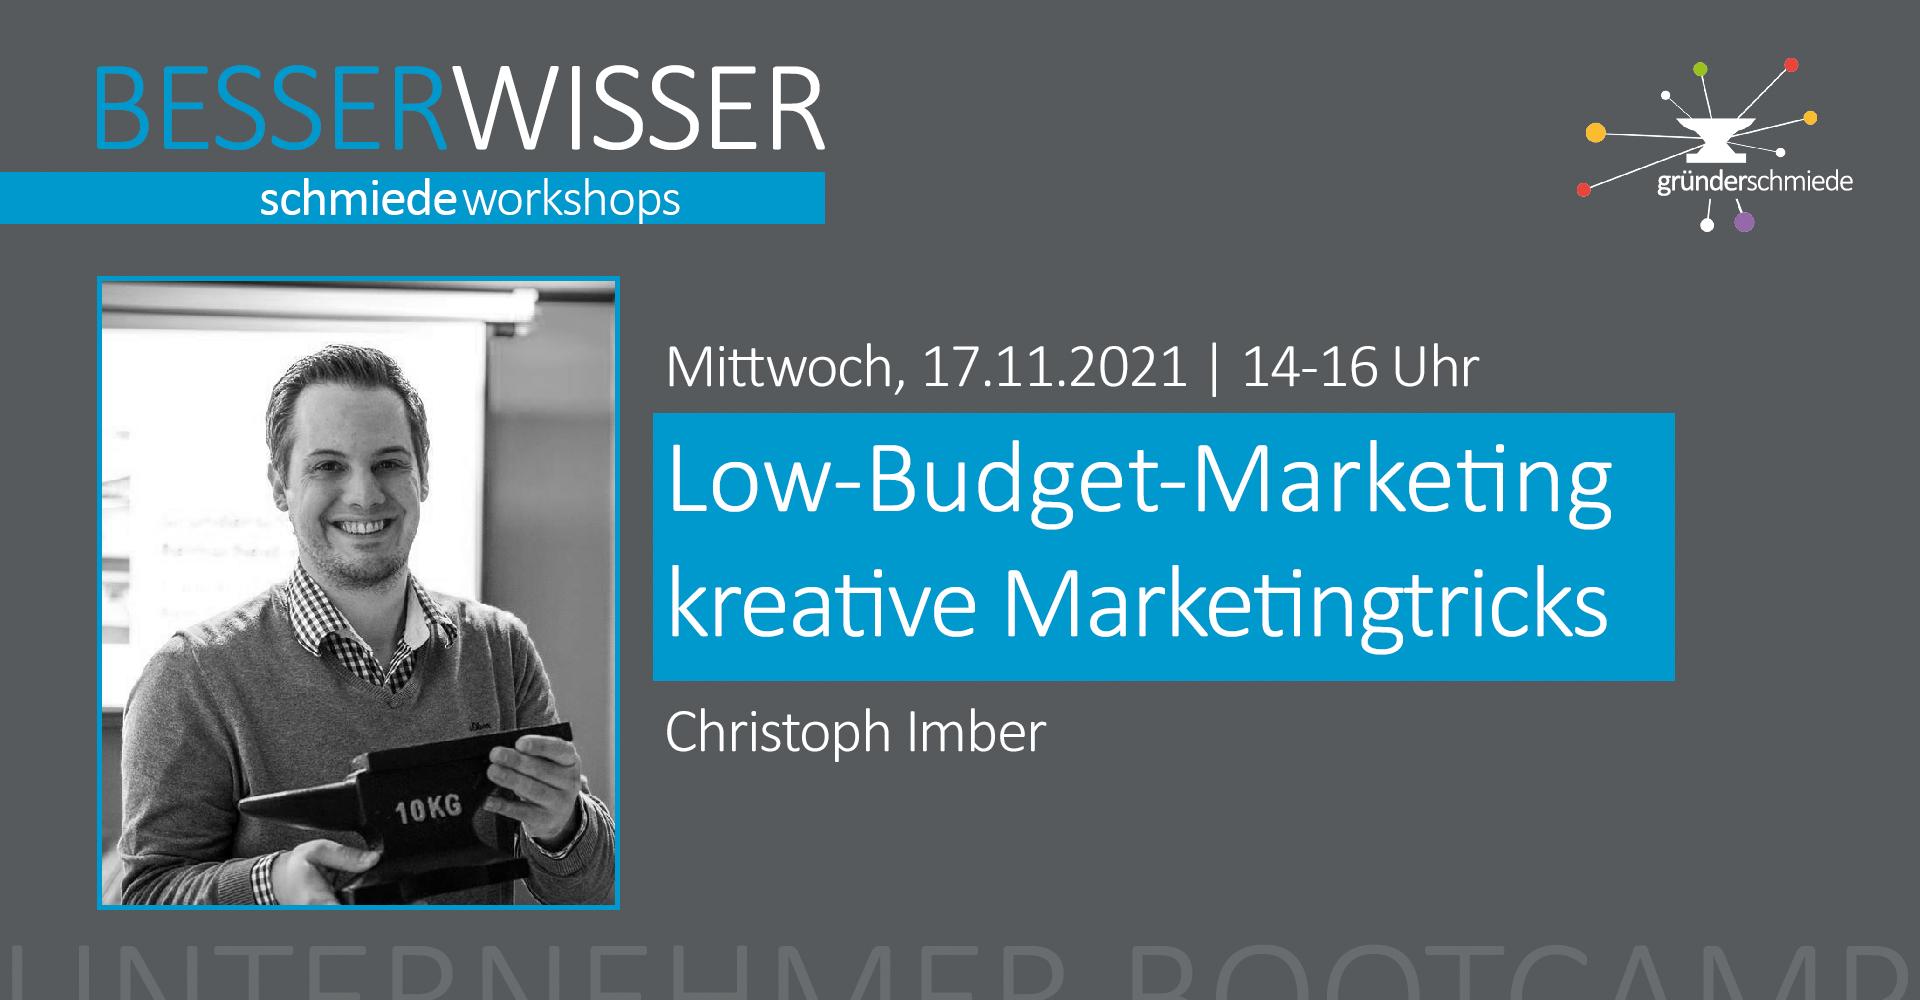 Low-Budget-Marketing